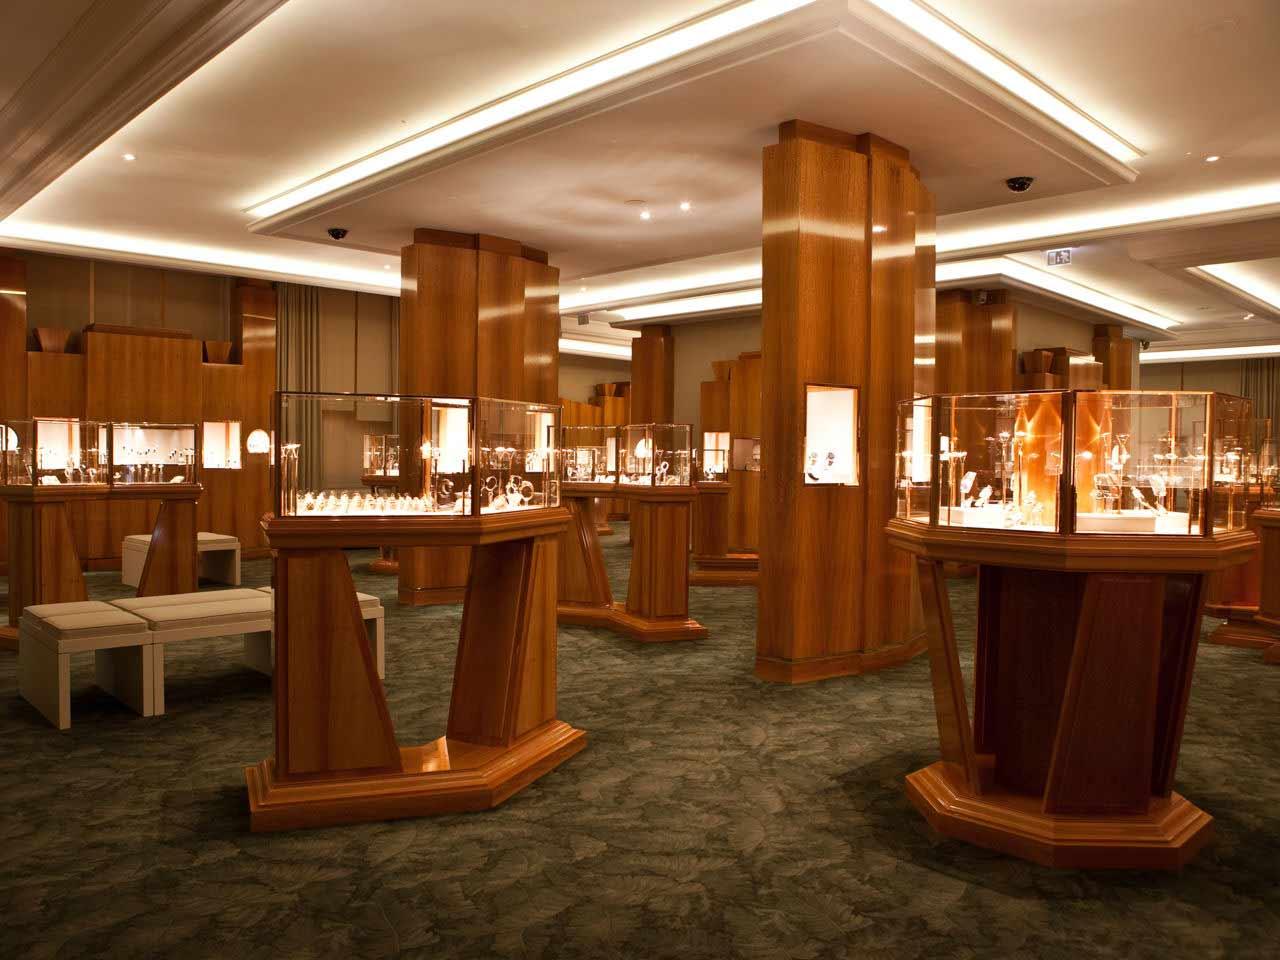 متحف باتيك فيليب جنيف - مناطق سياحية في جنيف